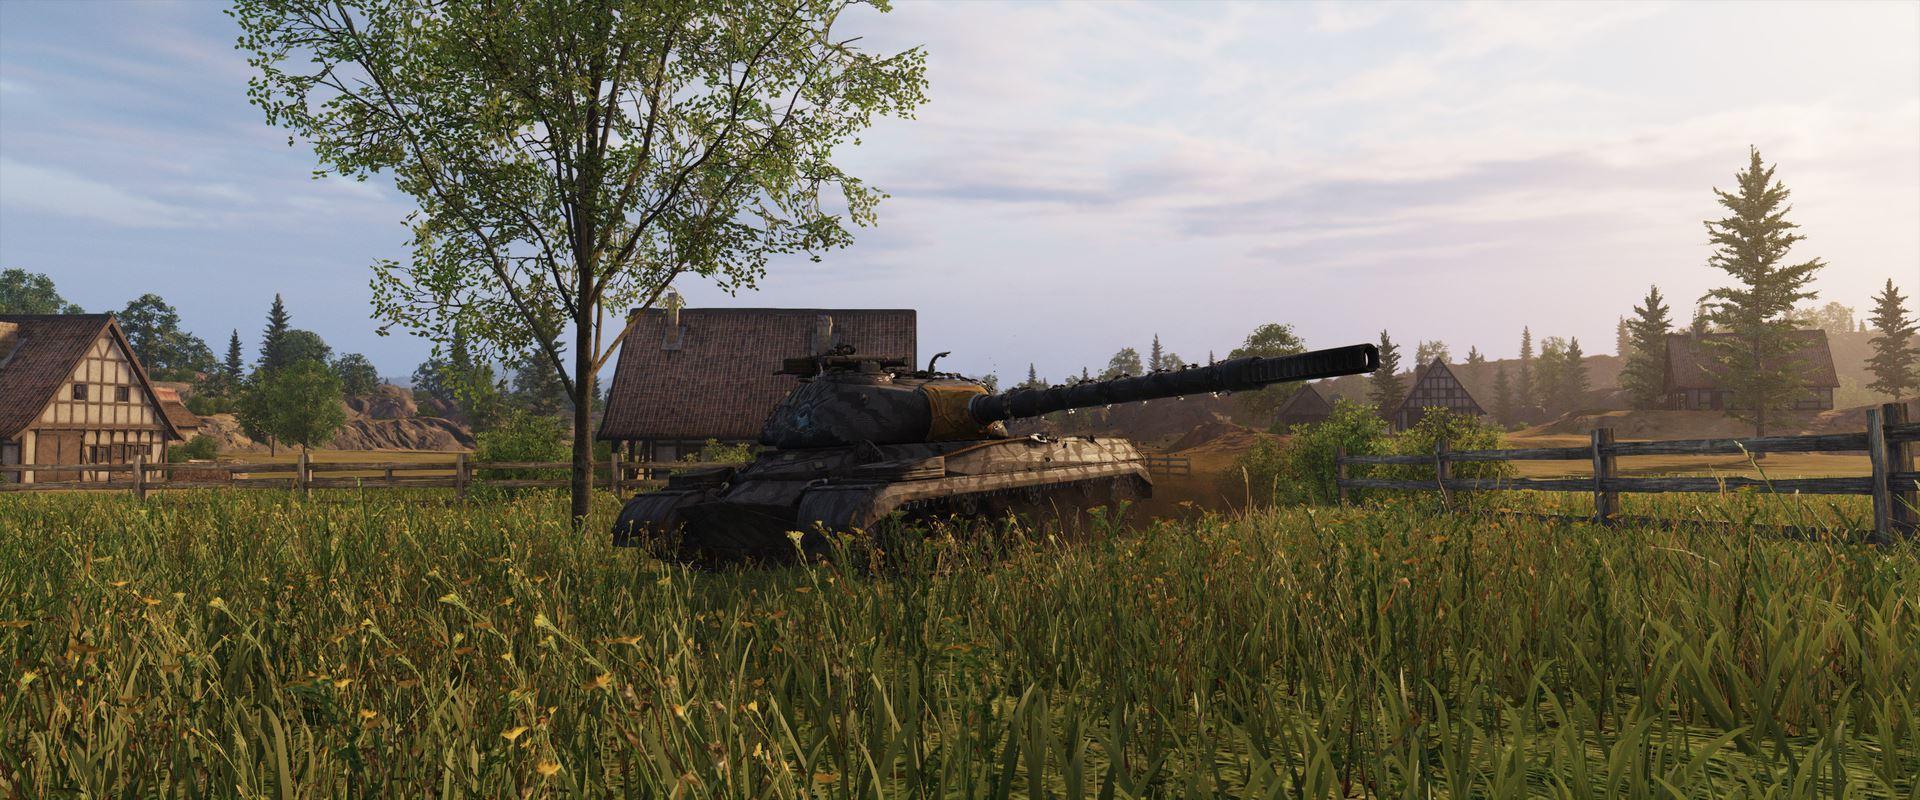 Кадр з оновленої версії гри / фото wargaming.net